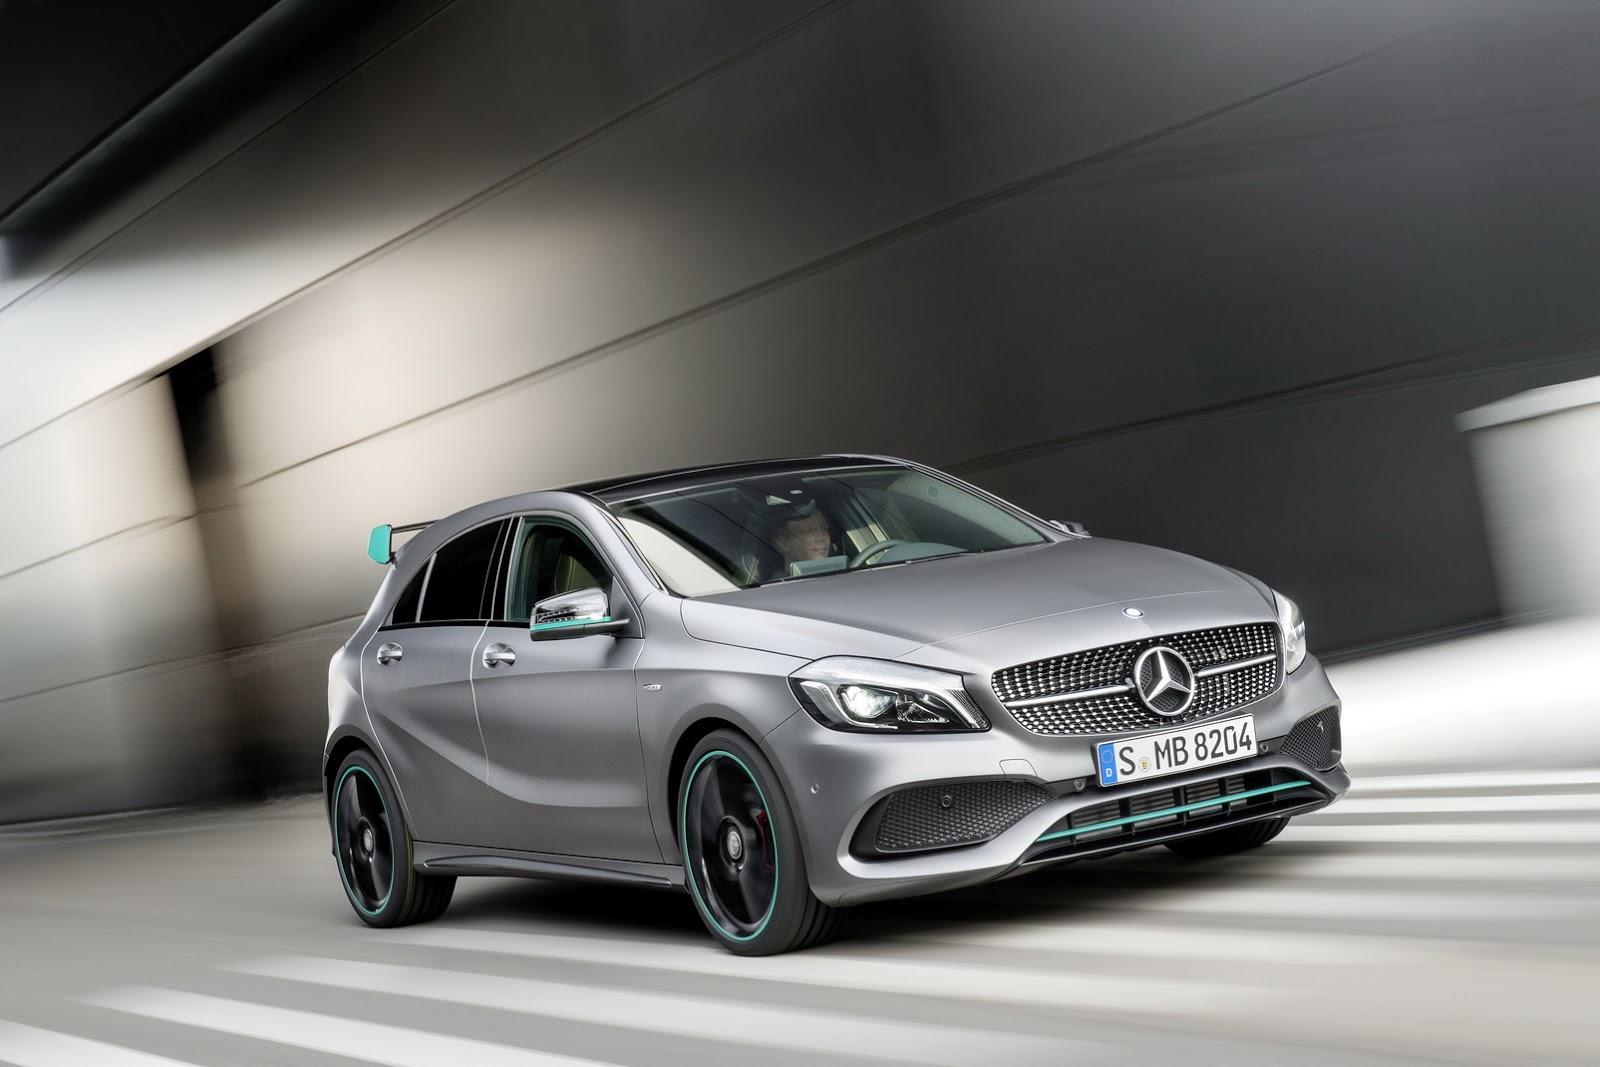 http://mercedesblog.com/wp-content/uploads/2015/06/2016-Mercedes-A-Class-51.jpg